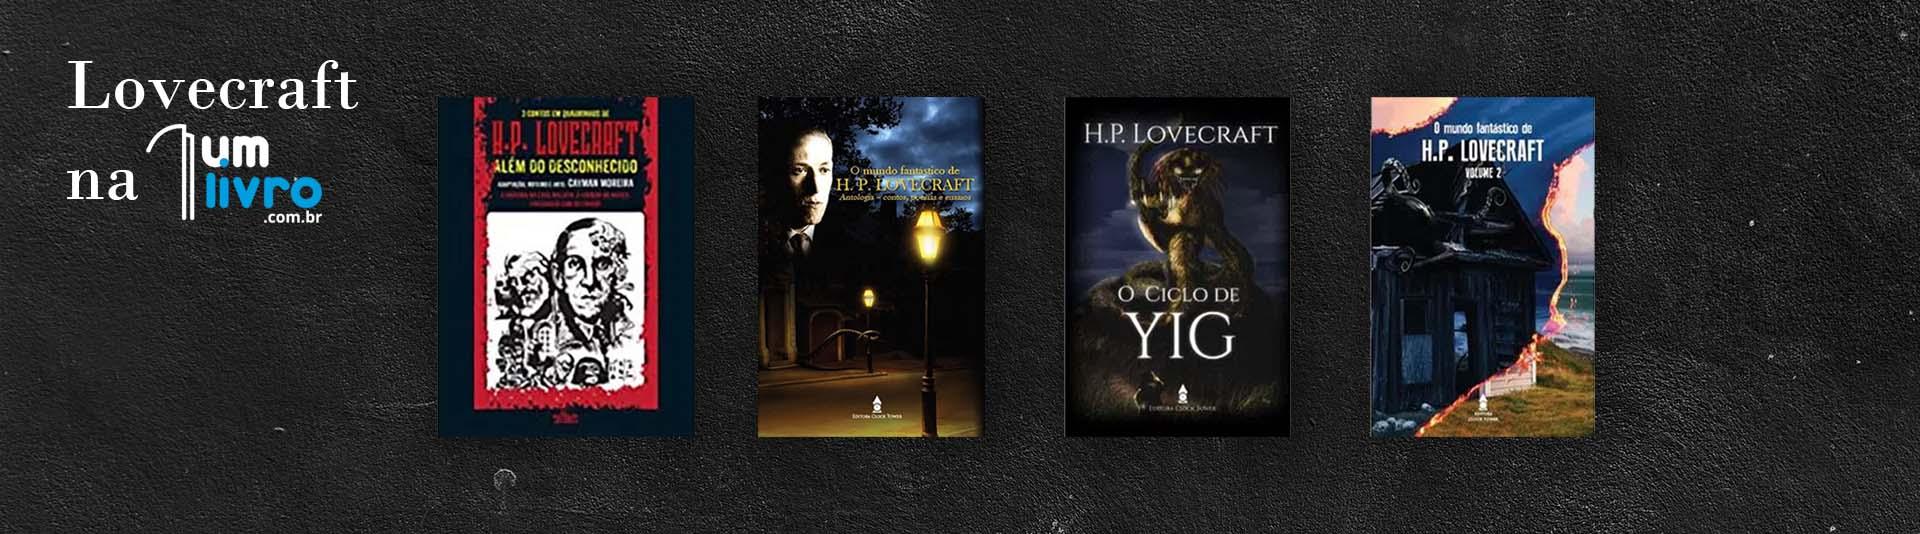 Lovecraft na UmLivro